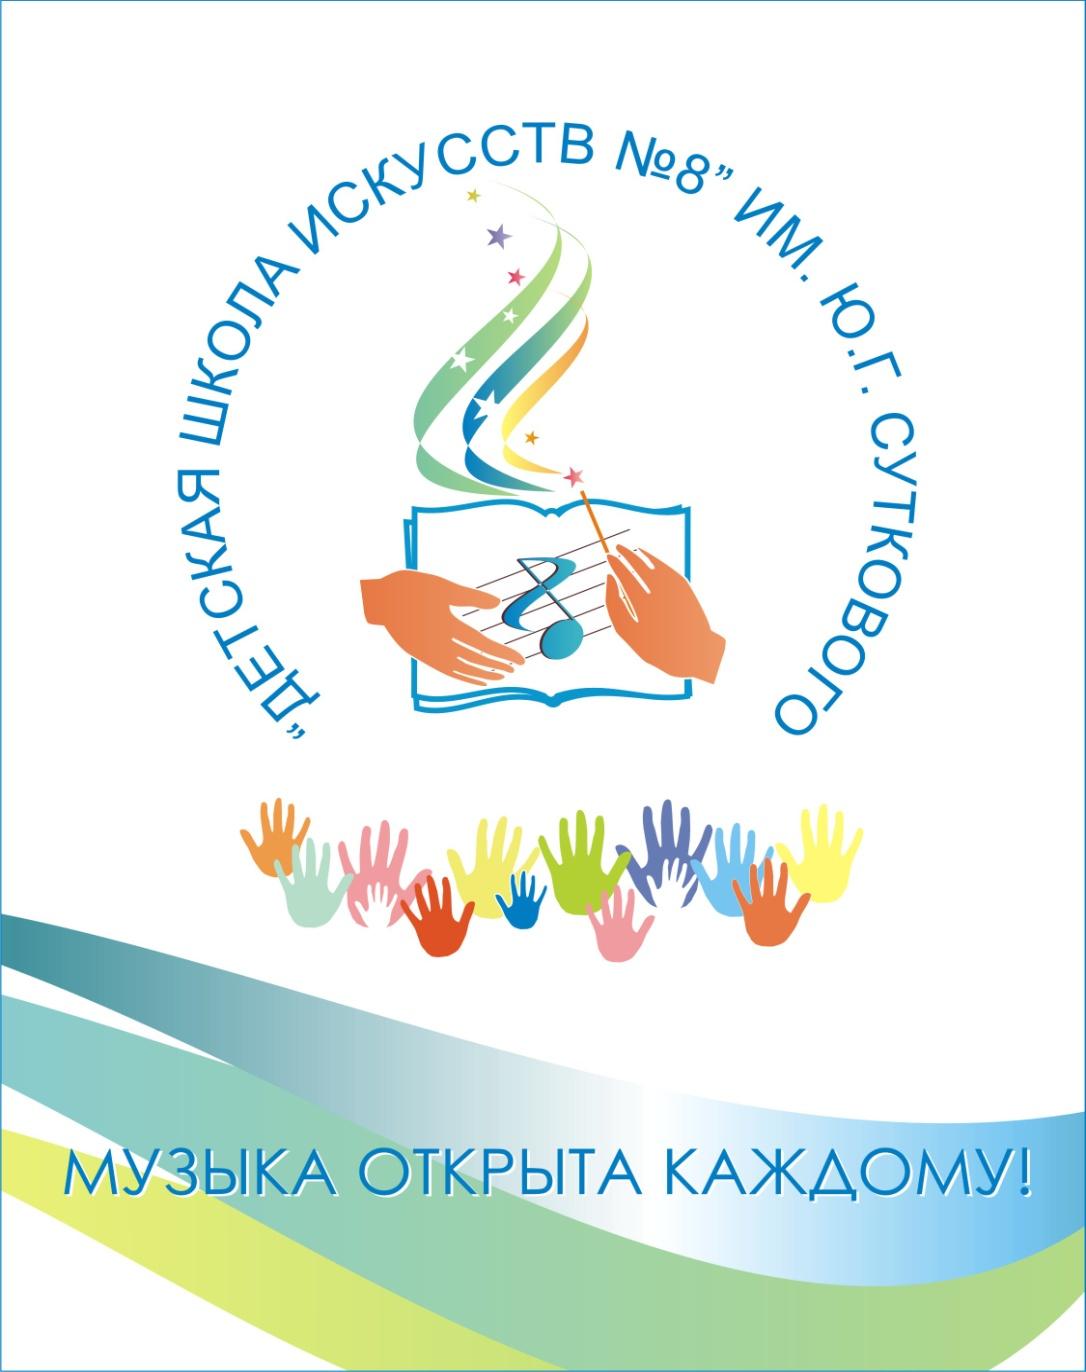 Как сообщила пресс-секретарь министра культуры Виктория Олиферчук, в большом праздничном концерте